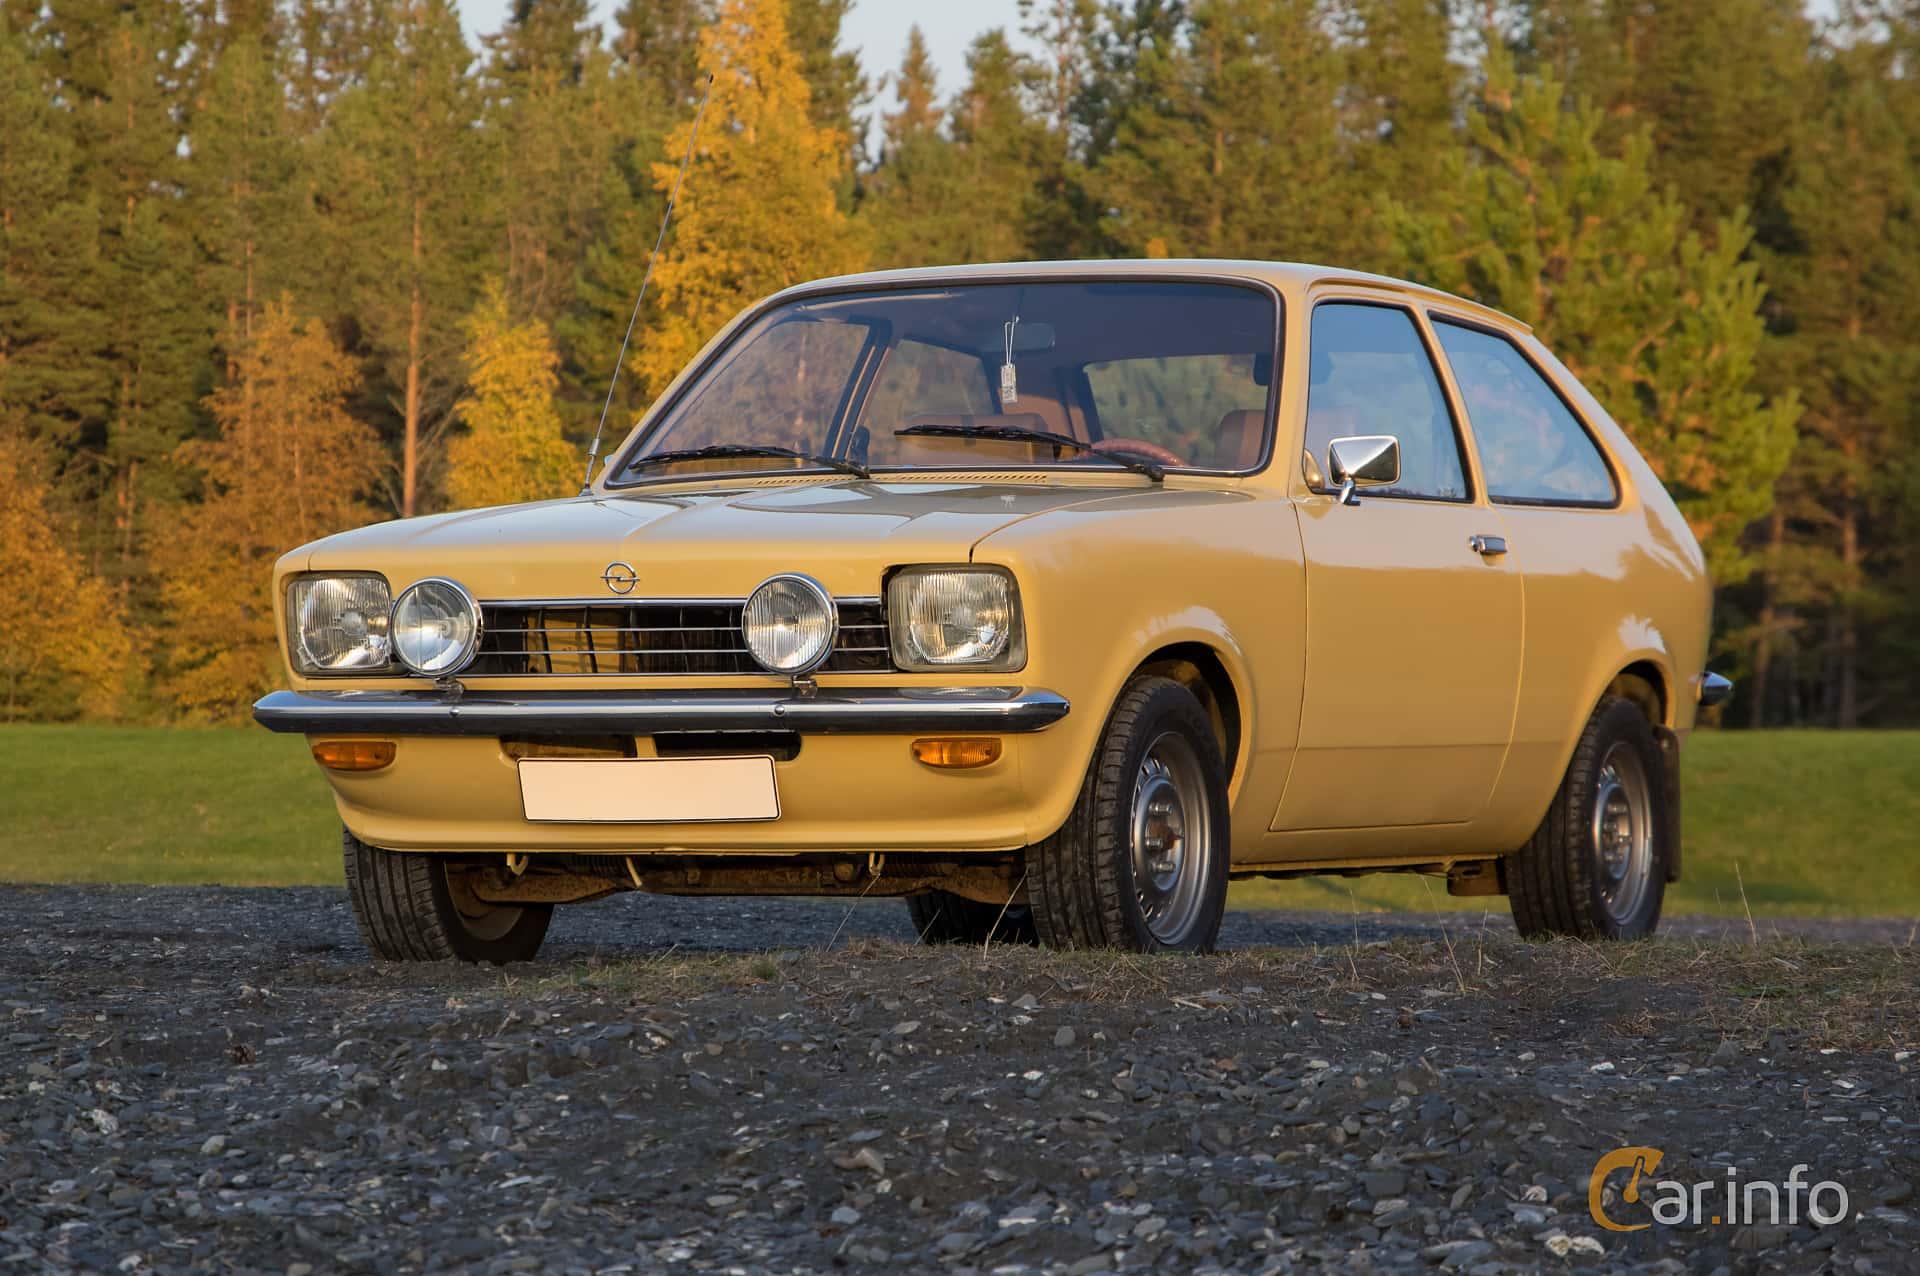 Fram/Sida av Opel Kadett 1200 S City 1.2 Manual, 60ps, 1976